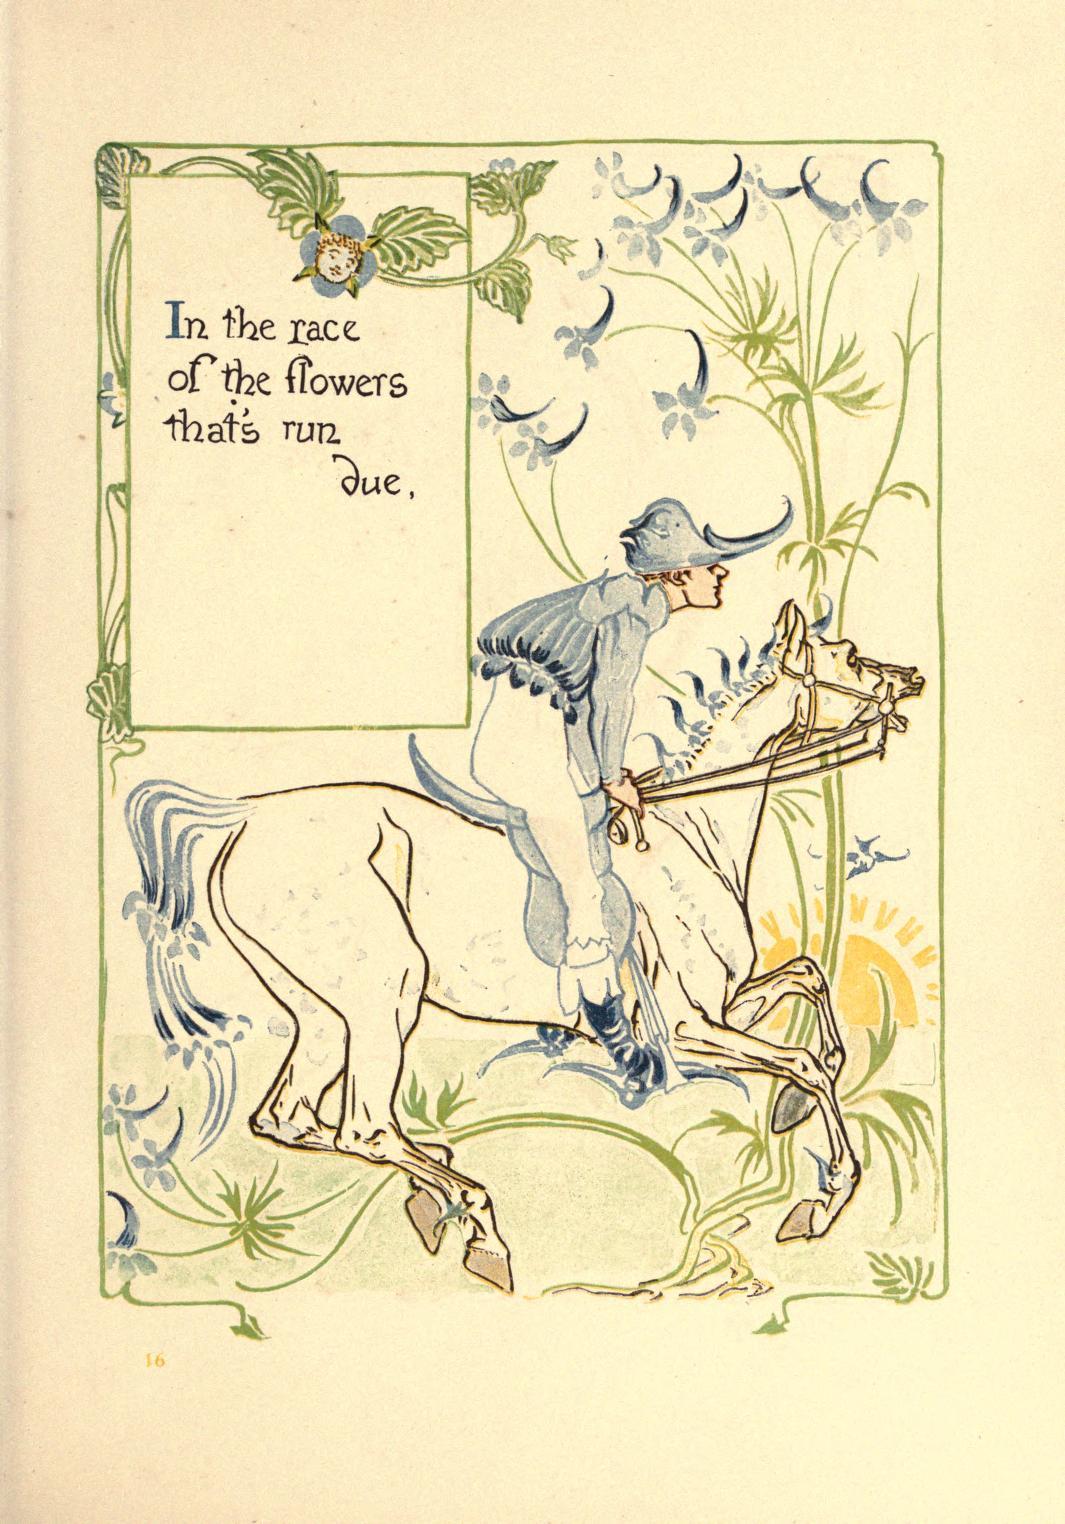 ウォルター・クレイン Walter Crane 古い英国の庭の花のファンタジー A floral fantasy in an old English garden-14